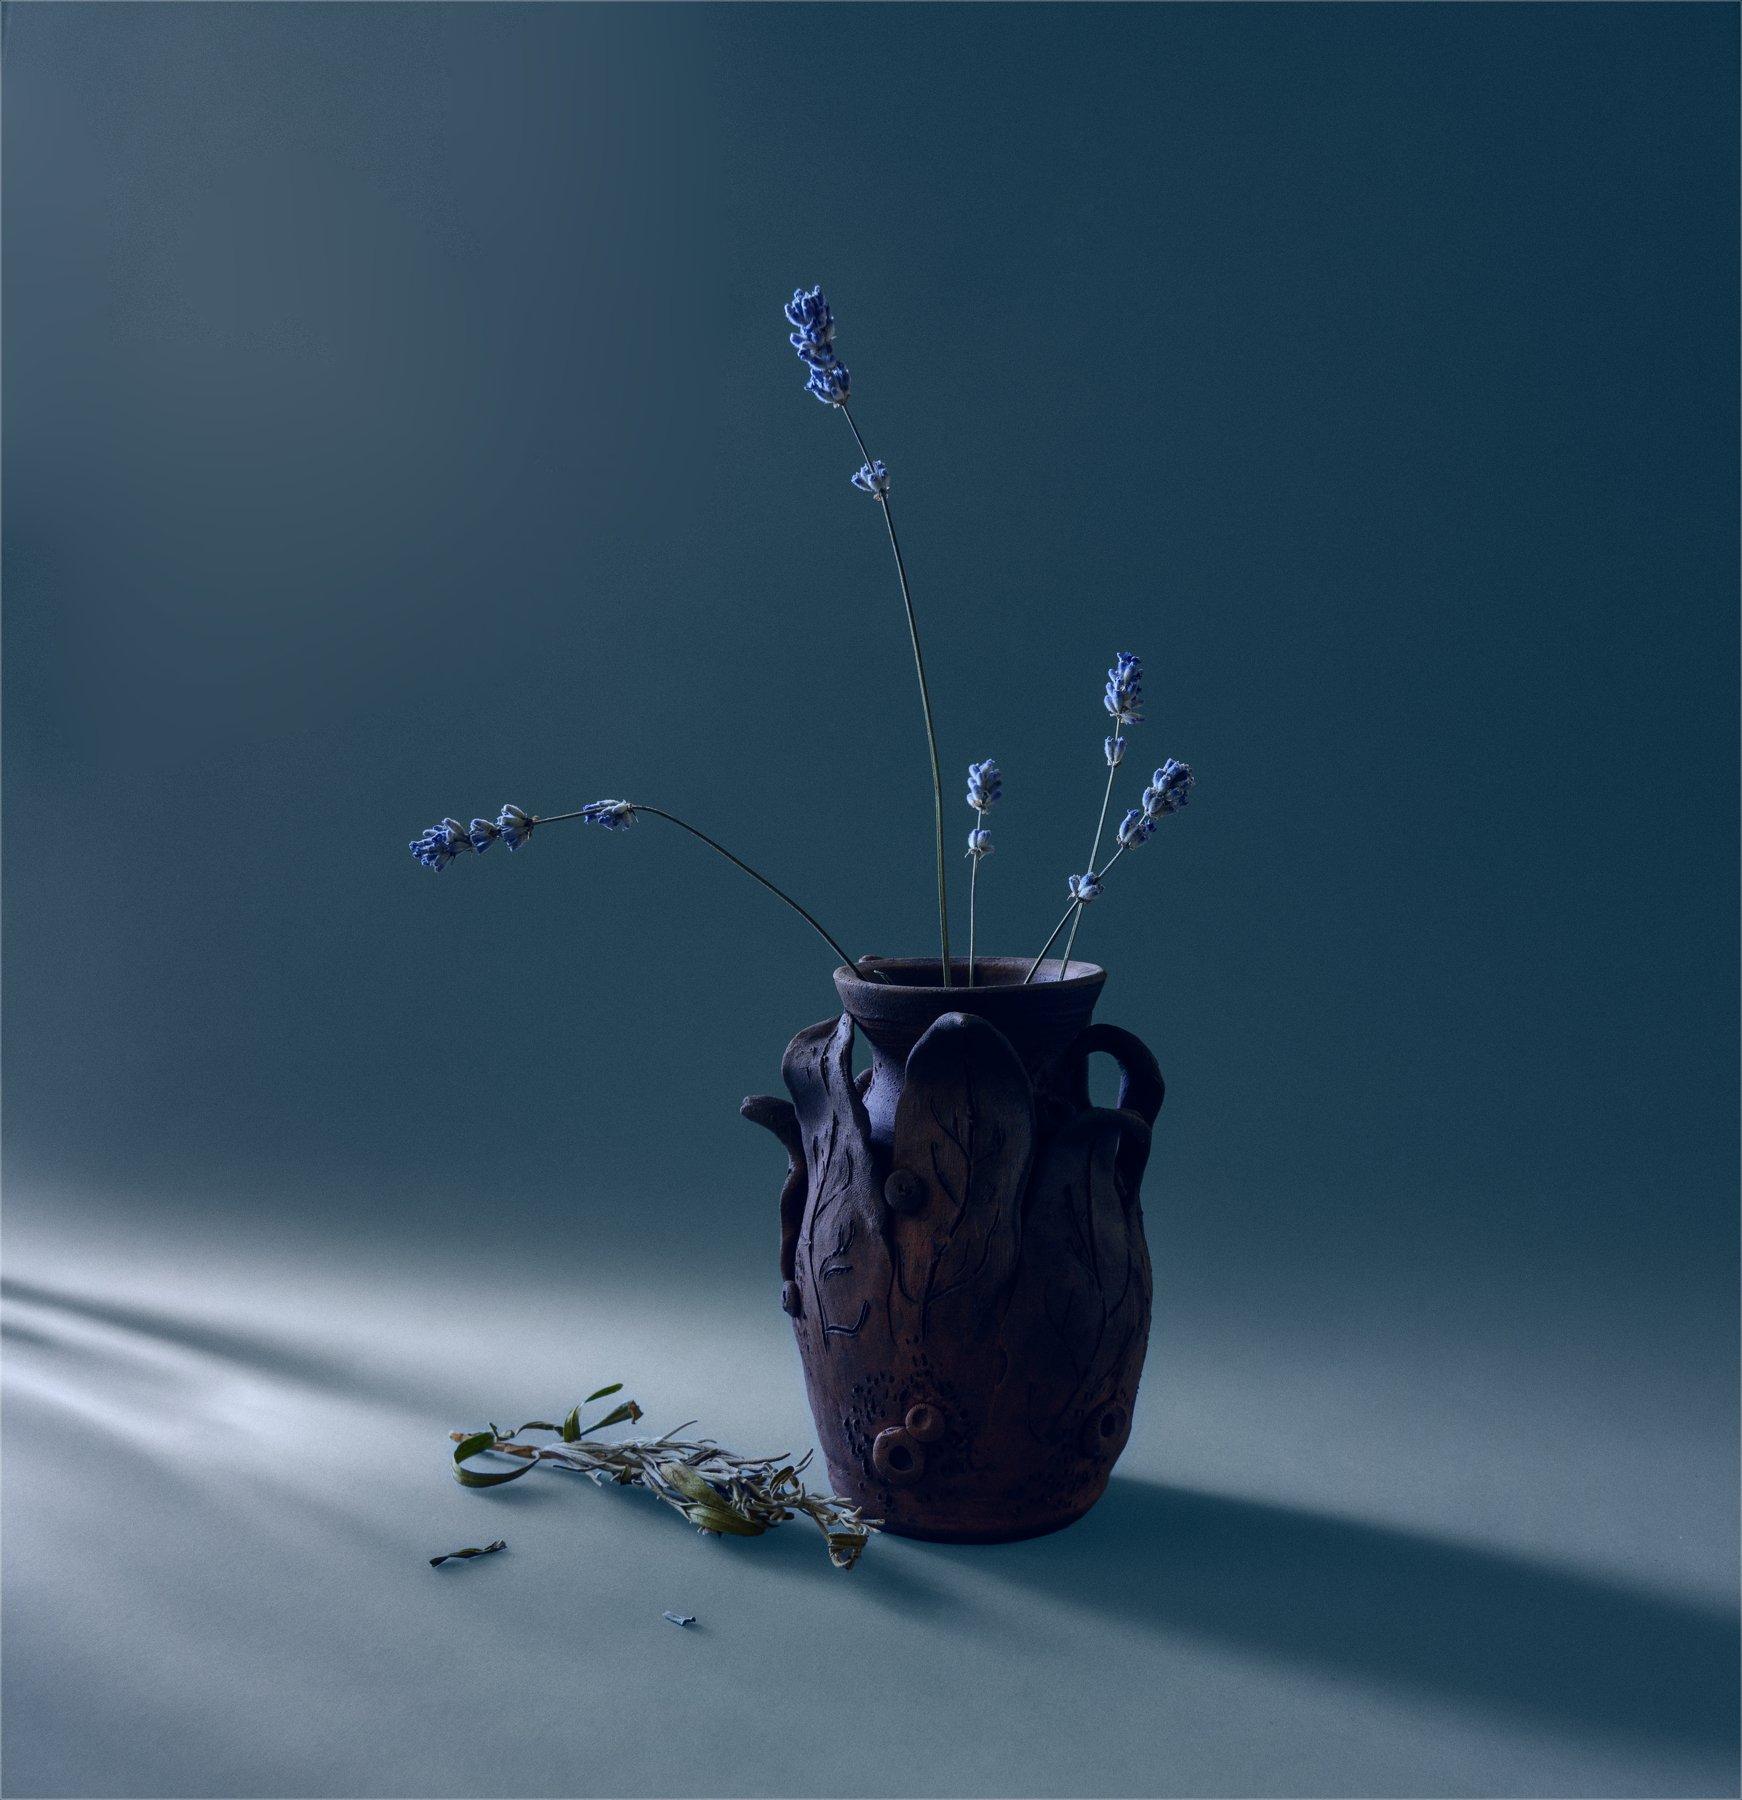 still life, натюрморт,    растение, природа,  ветка,  тень, минимализм, лаванда, цветы, Михаил MSH